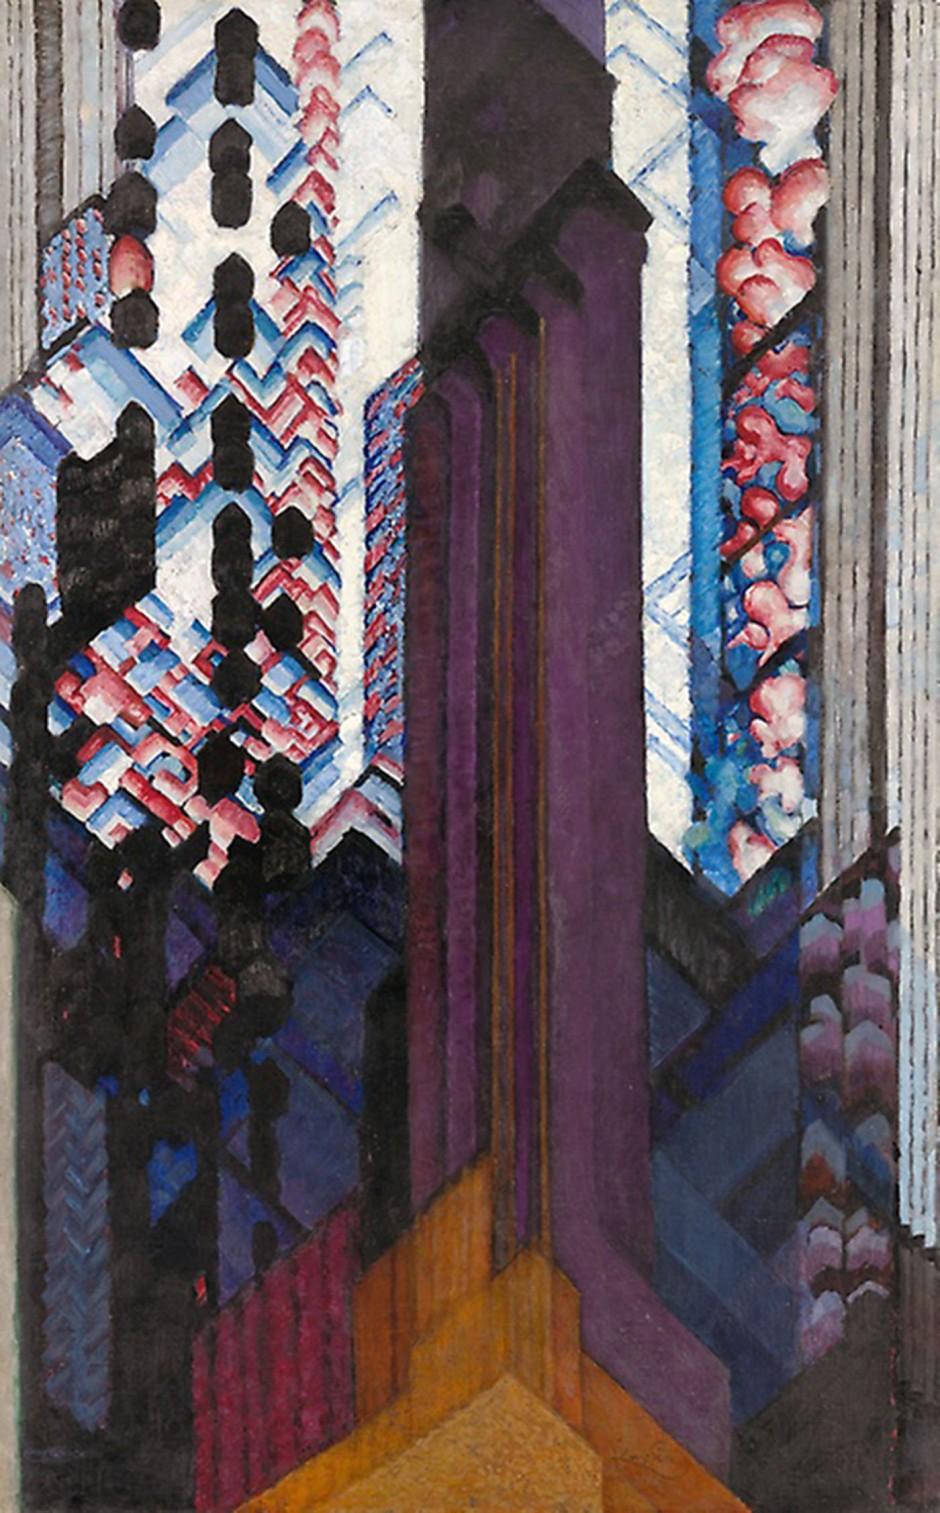 Frantisek Kupka, Reminescenza di una cattedrale, 1920-23